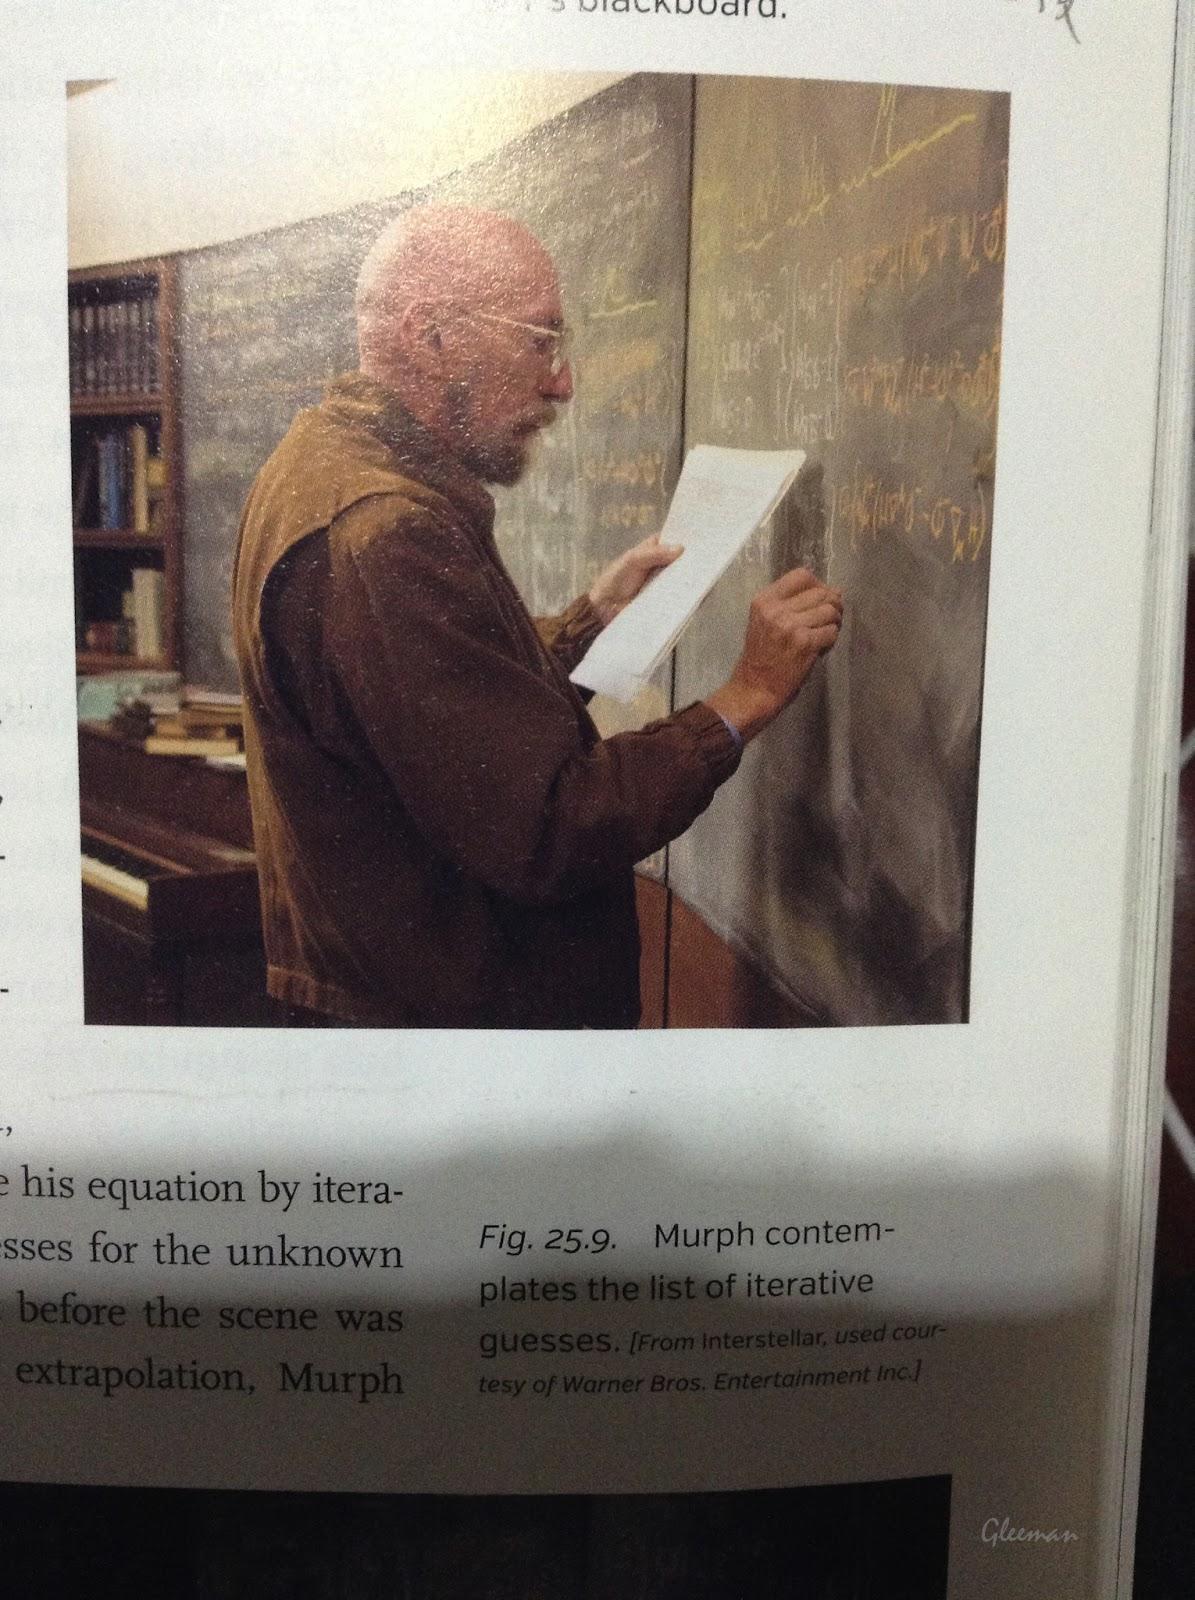 索恩正在寫方程式